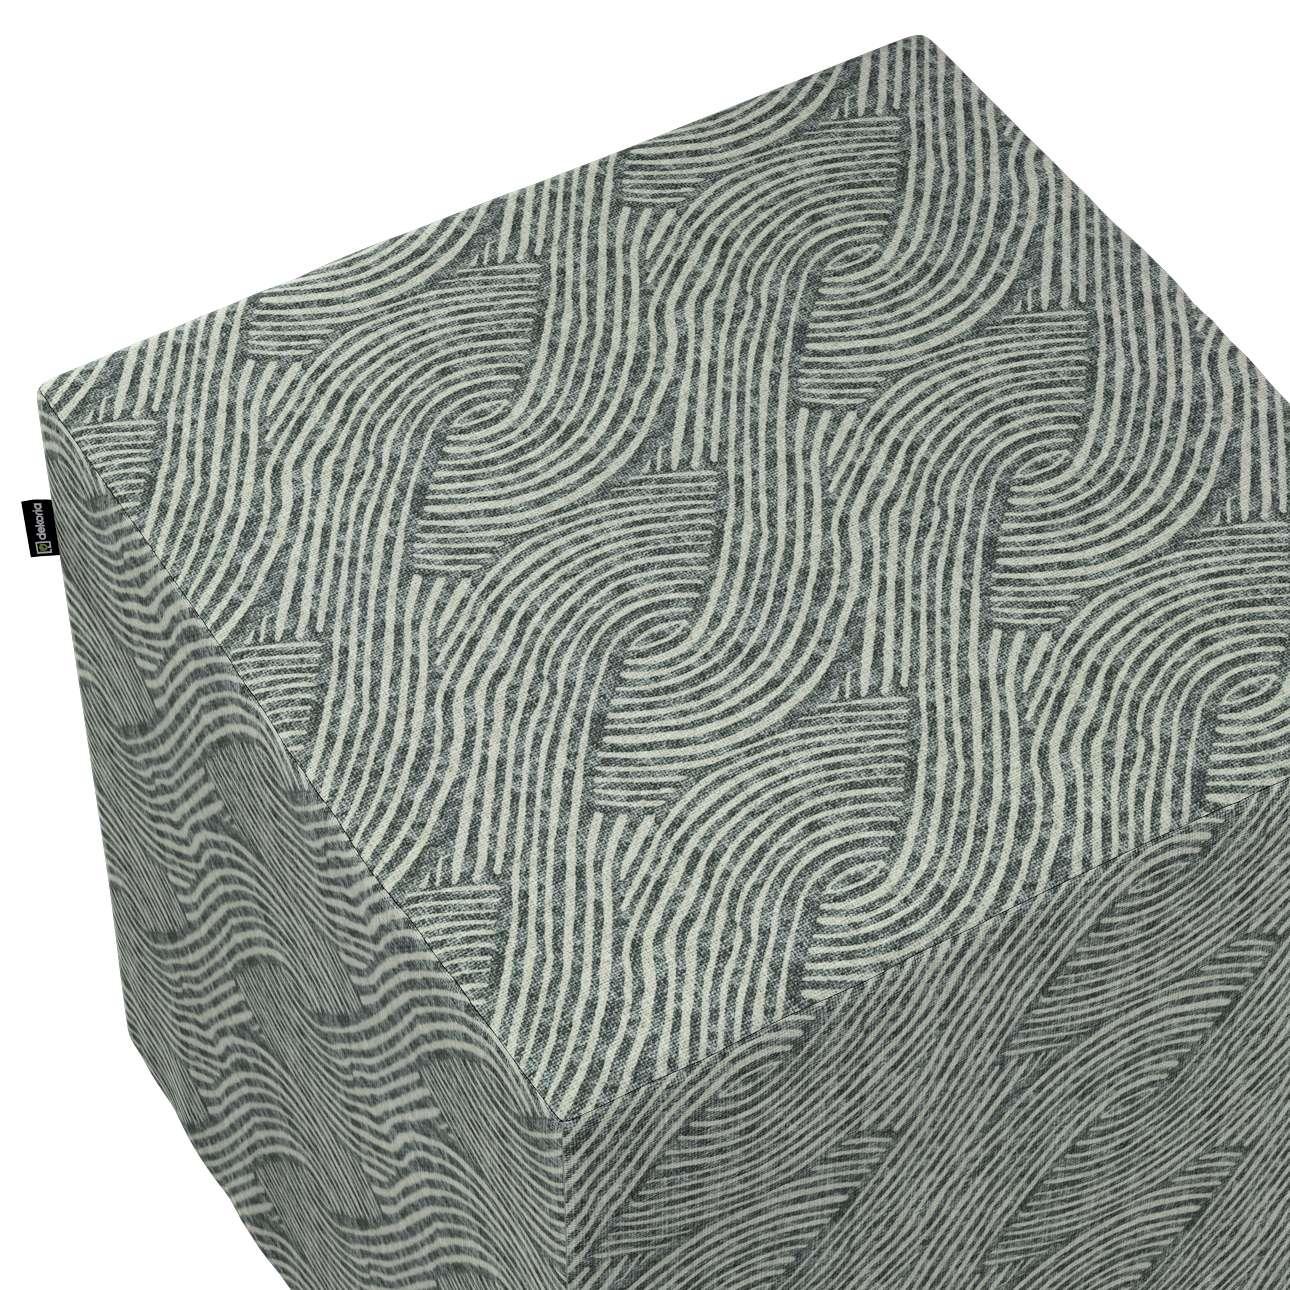 Pokrowiec na pufę kostkę w kolekcji Comics, tkanina: 143-13